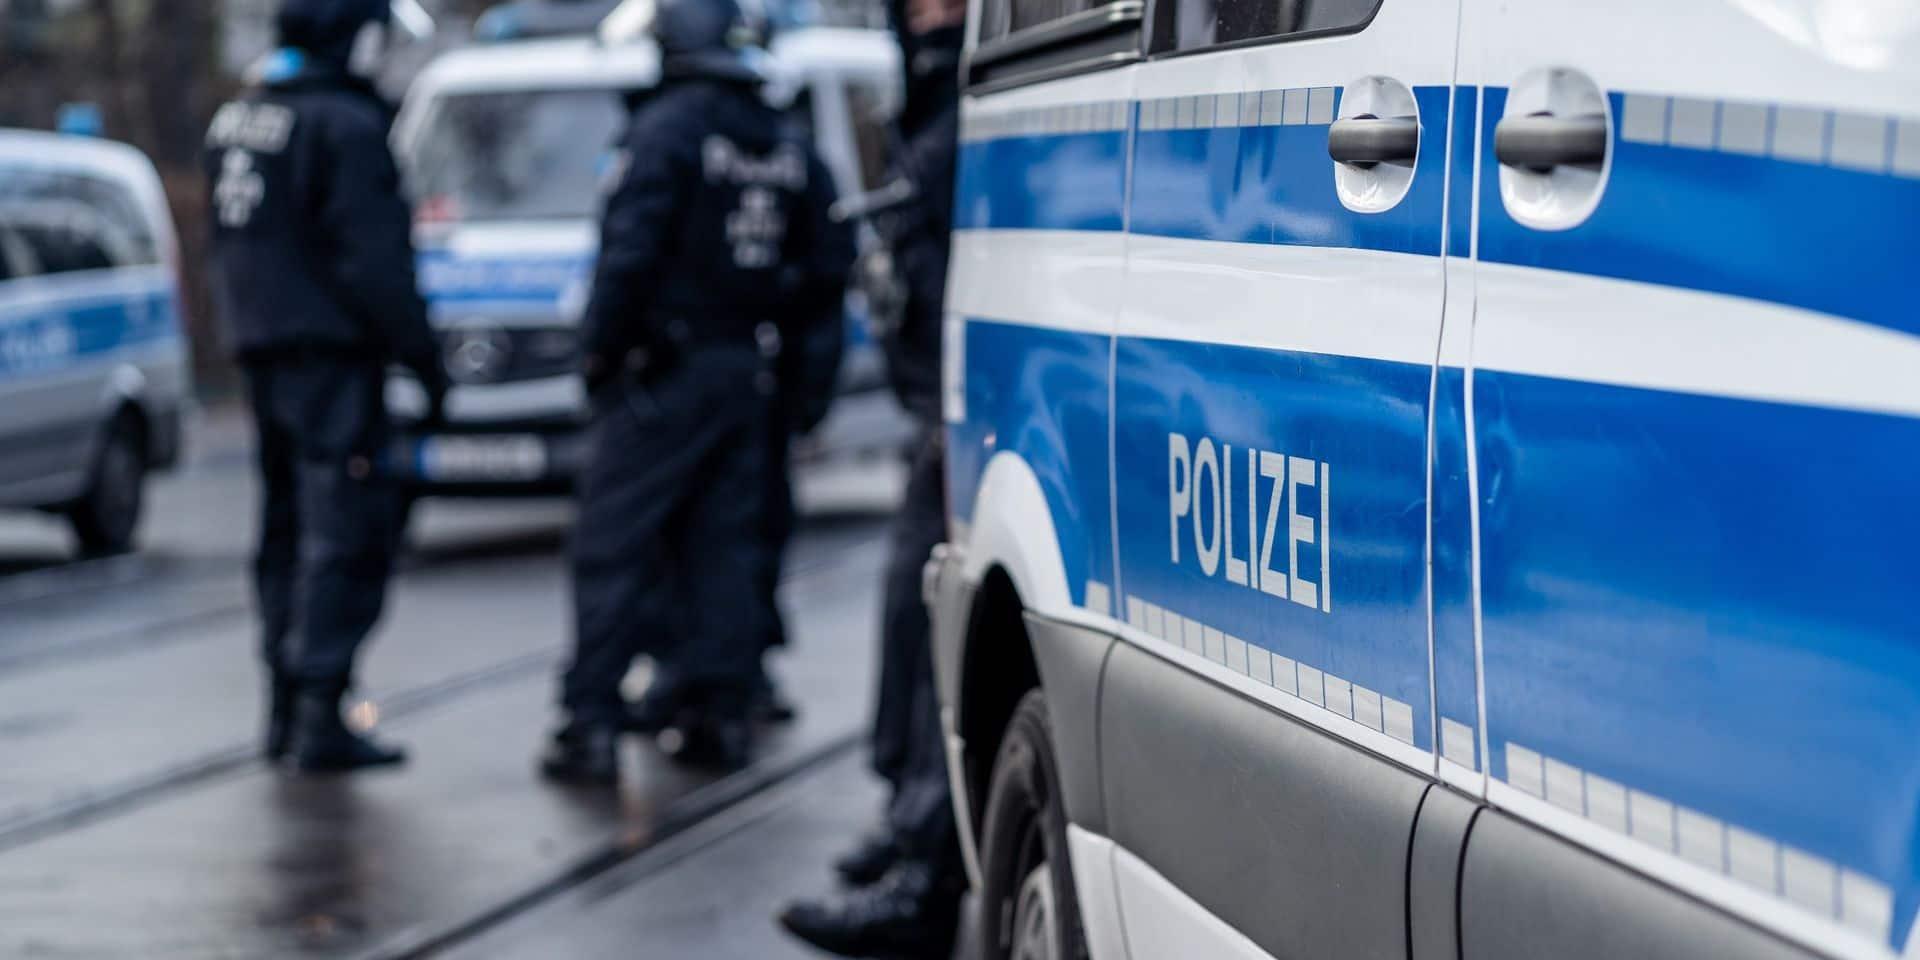 La police de Francfort interpelle un homme armé près d'une mosquée